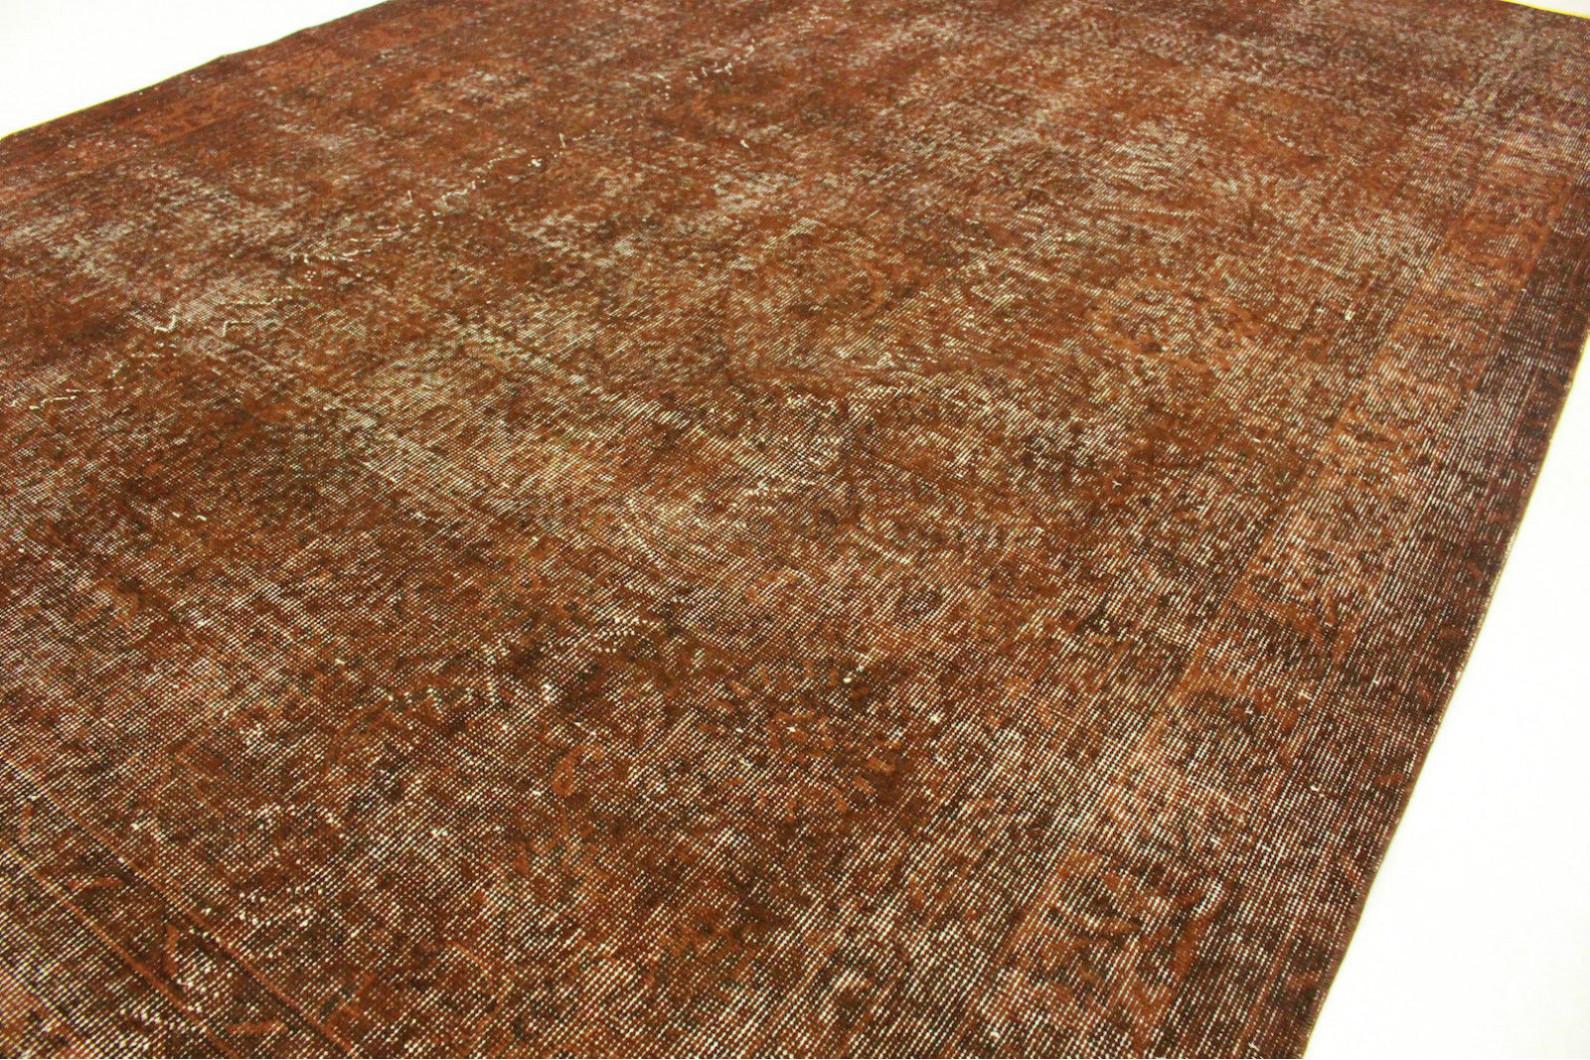 vintage teppich braun rost in 300x200cm 1011 5118 bei kaufen. Black Bedroom Furniture Sets. Home Design Ideas